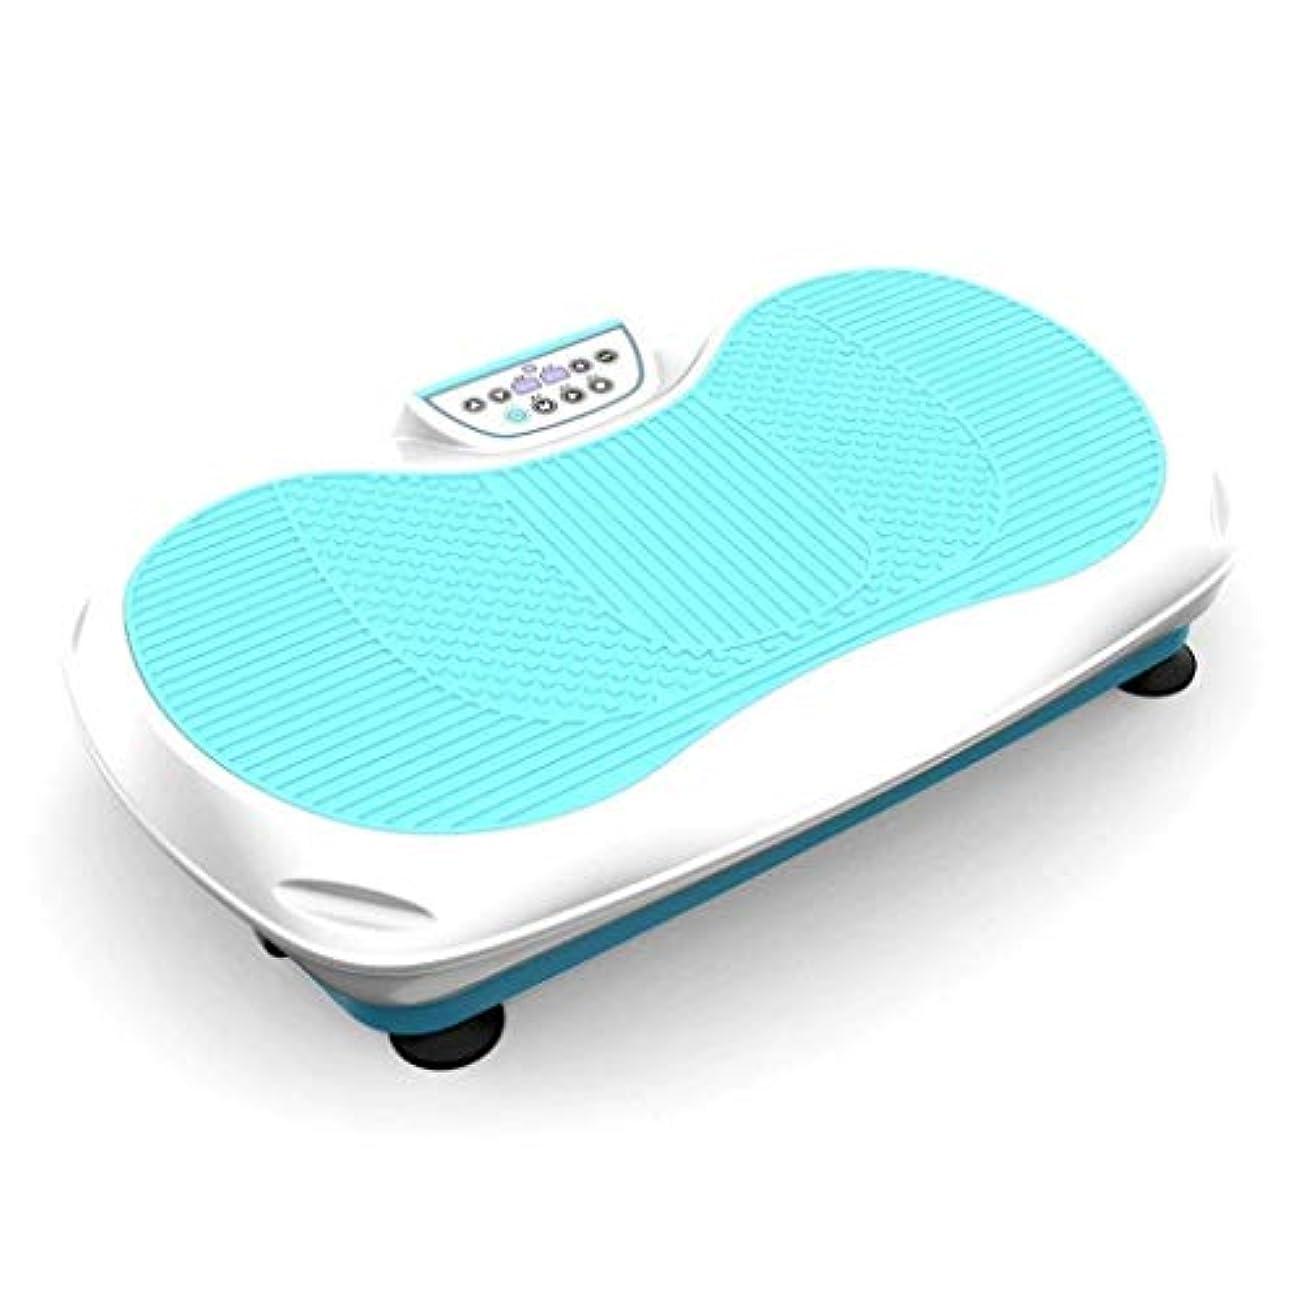 膨らませる少数ルートホーム減量デバイス、バイブレーションフィットネストレーナー、スポーツおよび3Dフィットネスバイブレーションボード、リモートコントロールおよび99減量、ユニセックス、過剰な脂肪の削減 (Color : 青)